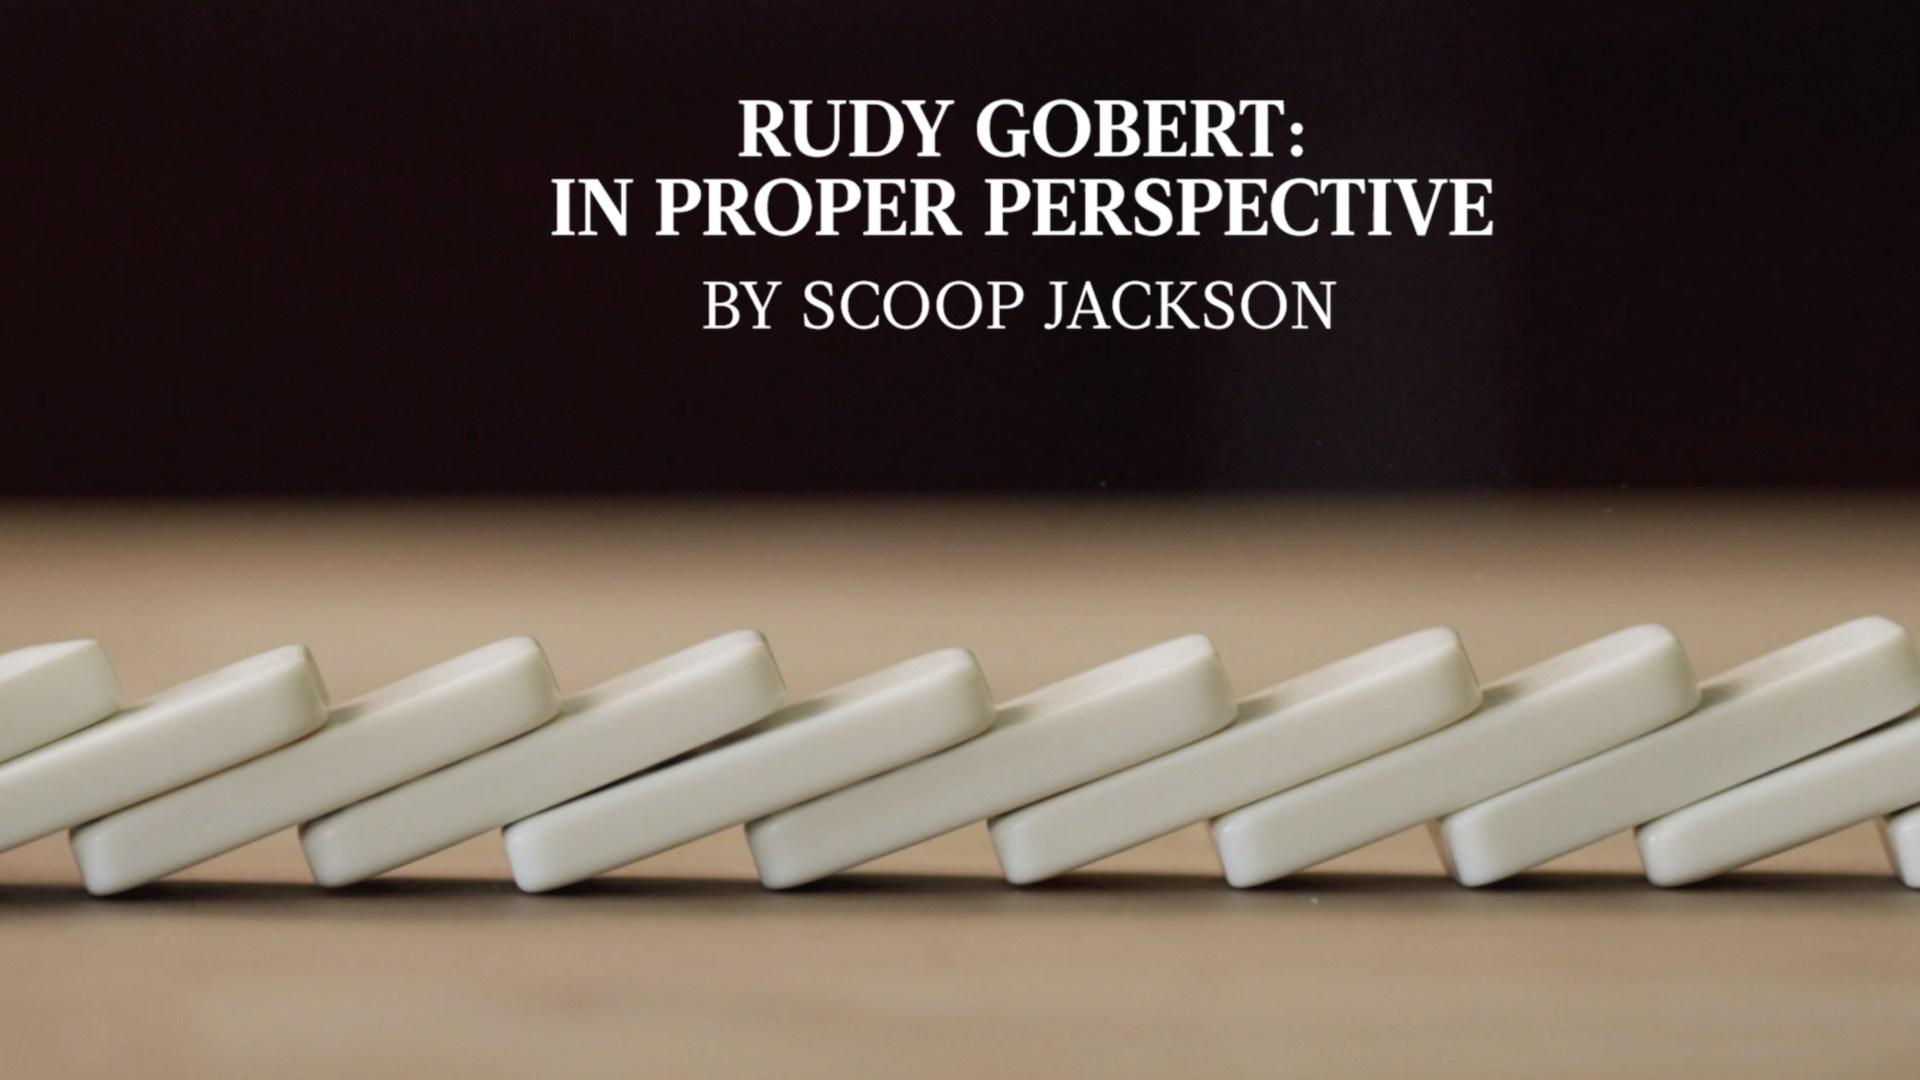 Scoop Jackson on Rudy Gobert